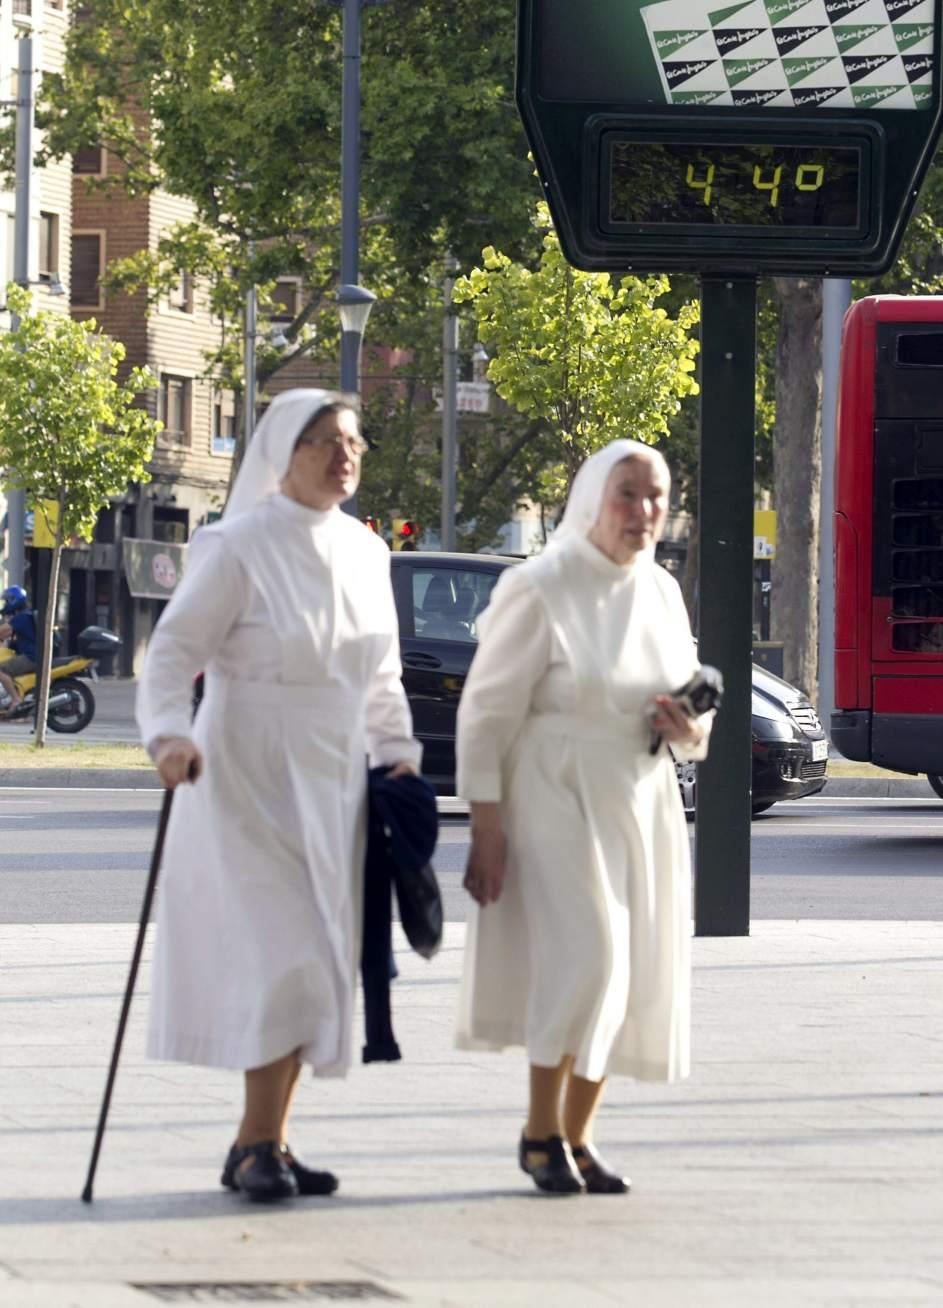 44 grados en Zaragoza